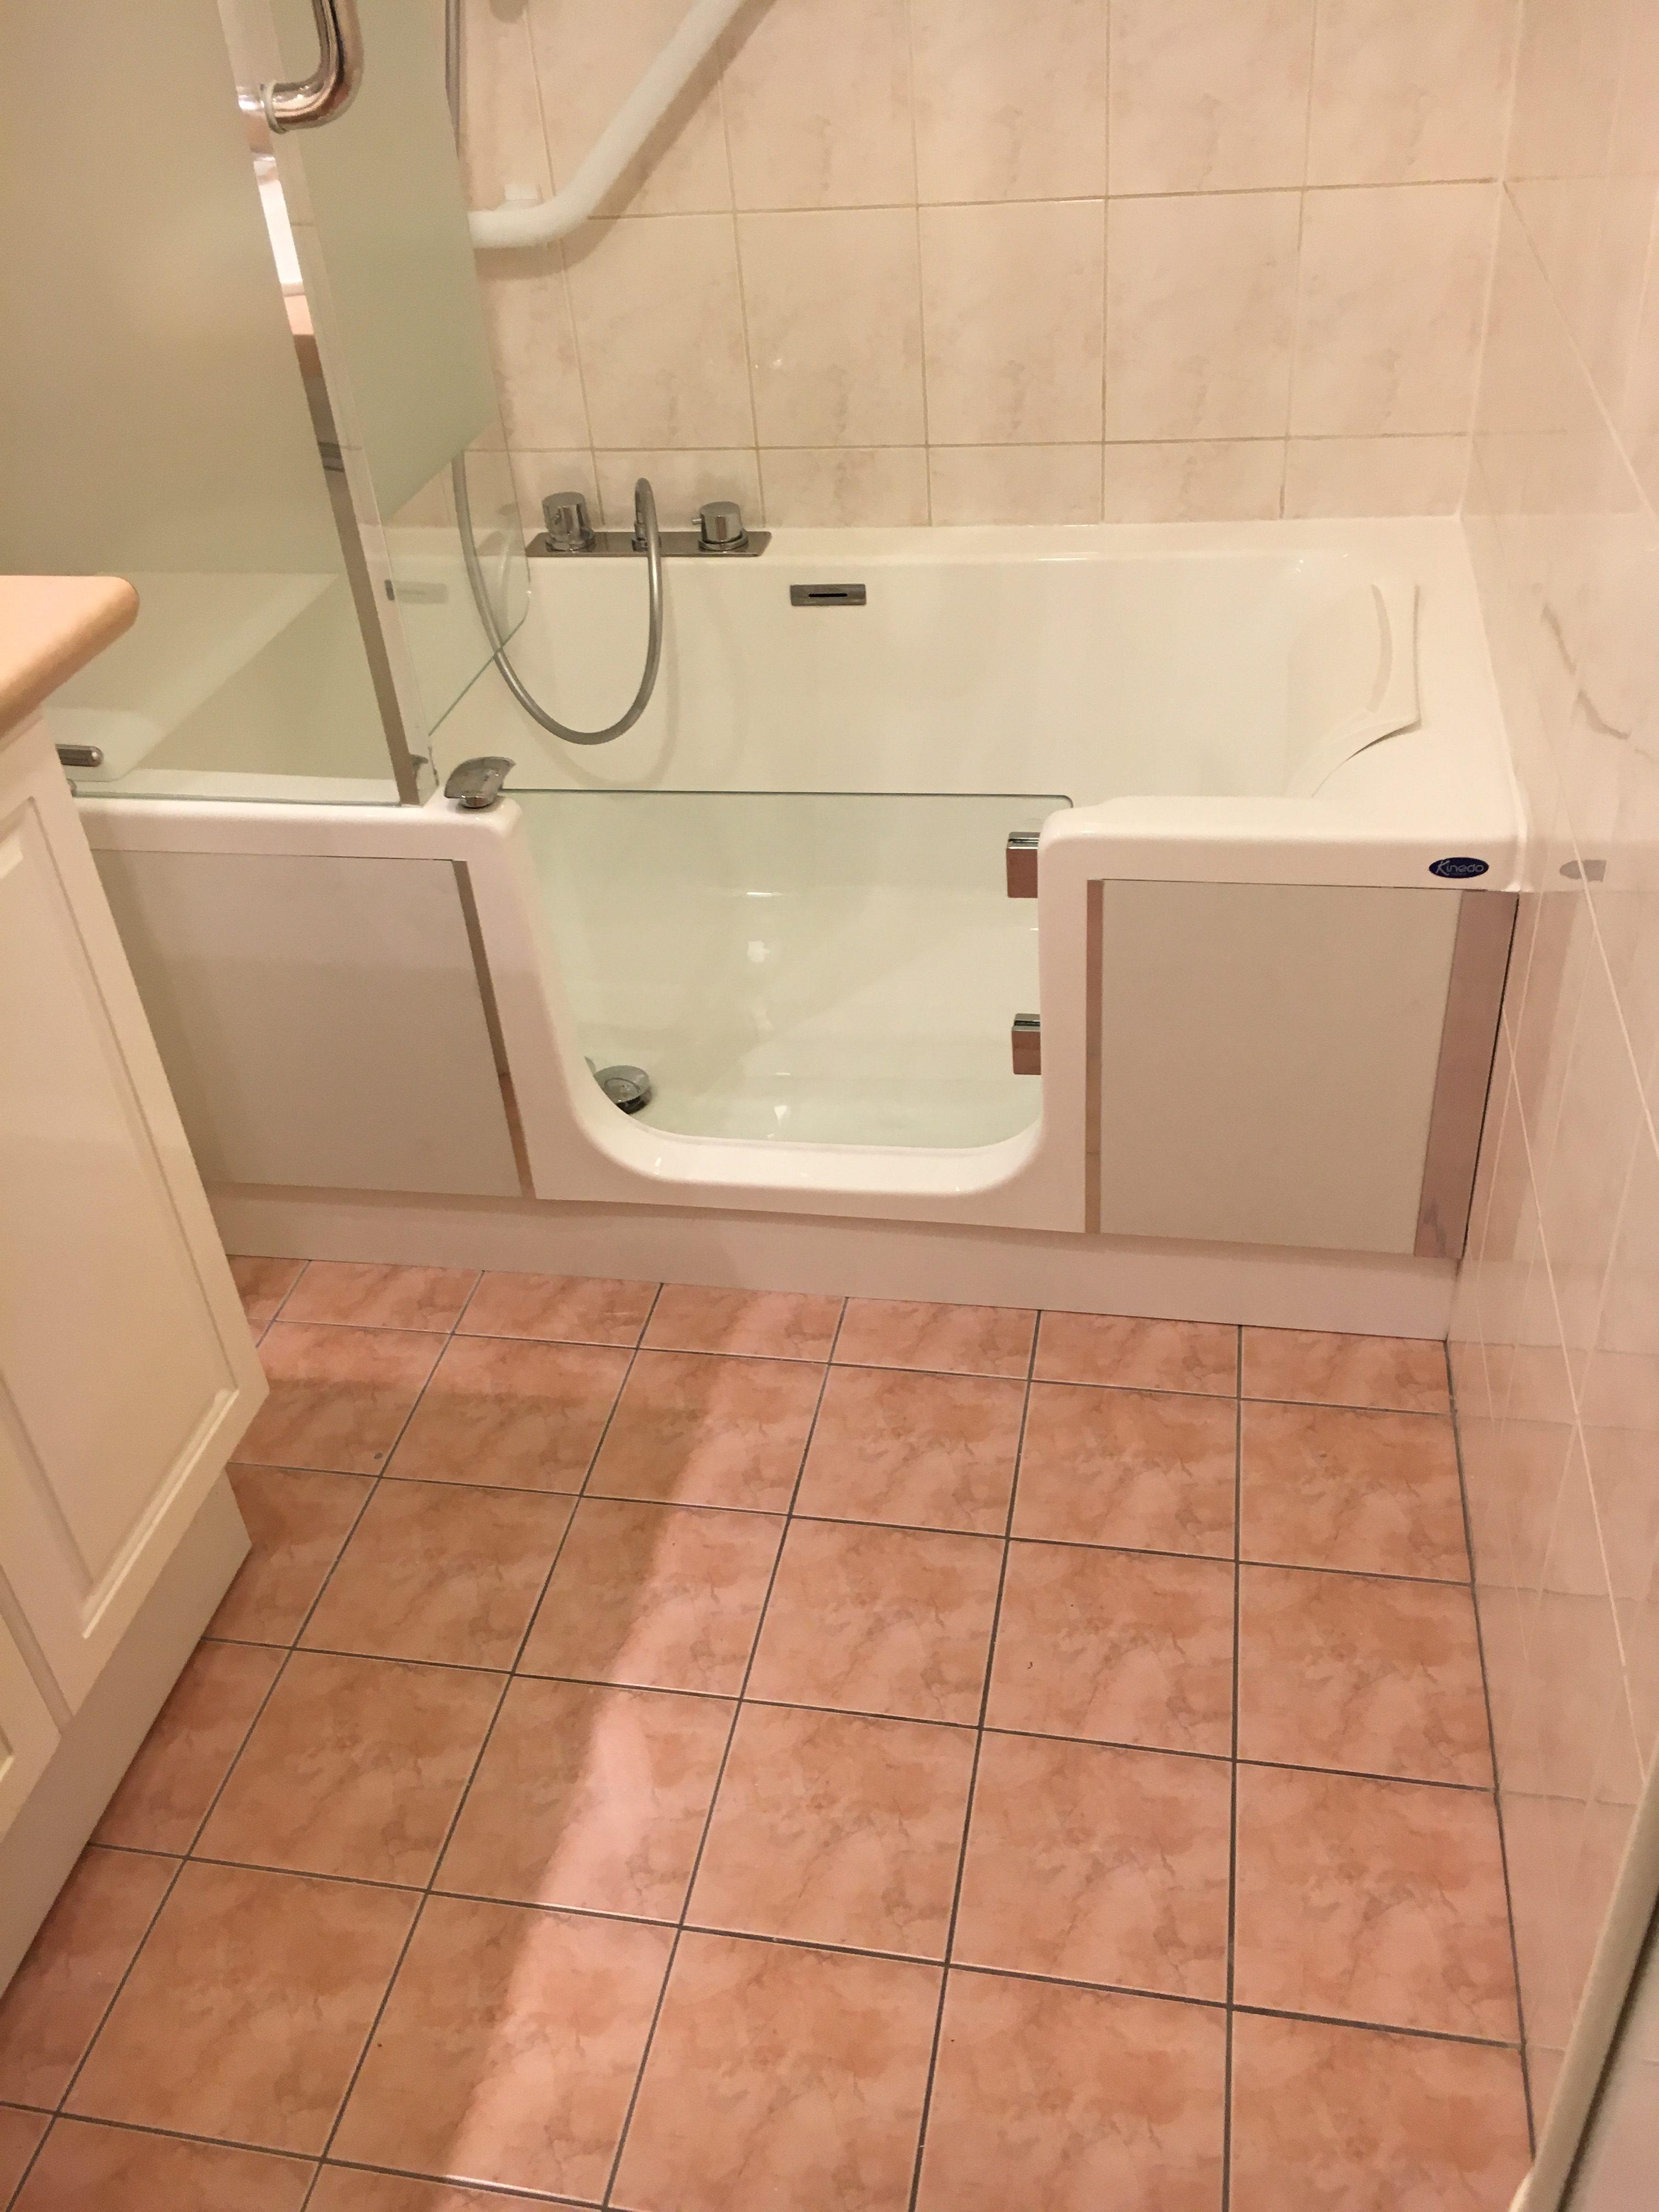 Pose de baignoire à porte avec douche – Saintry-sur-seine